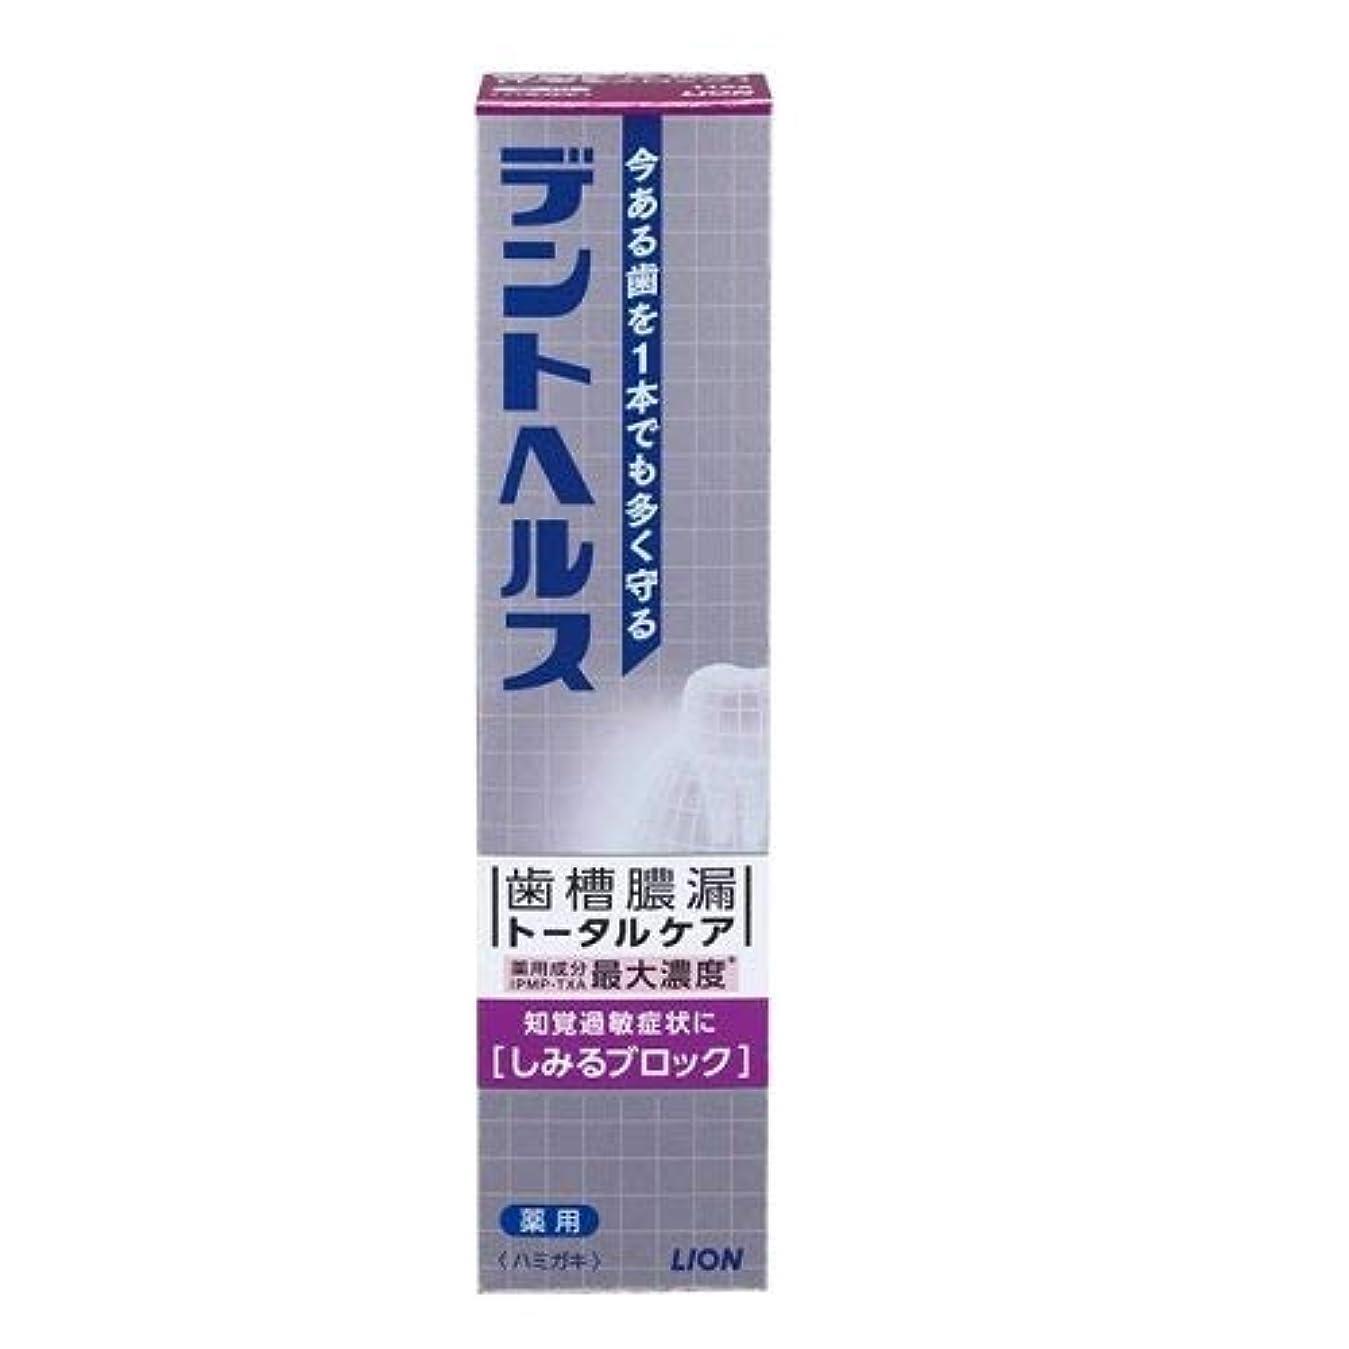 生き残ります標準哀ライオン デントヘルス薬用ハミガキしみるブロック 115g (医薬部外品)× 4